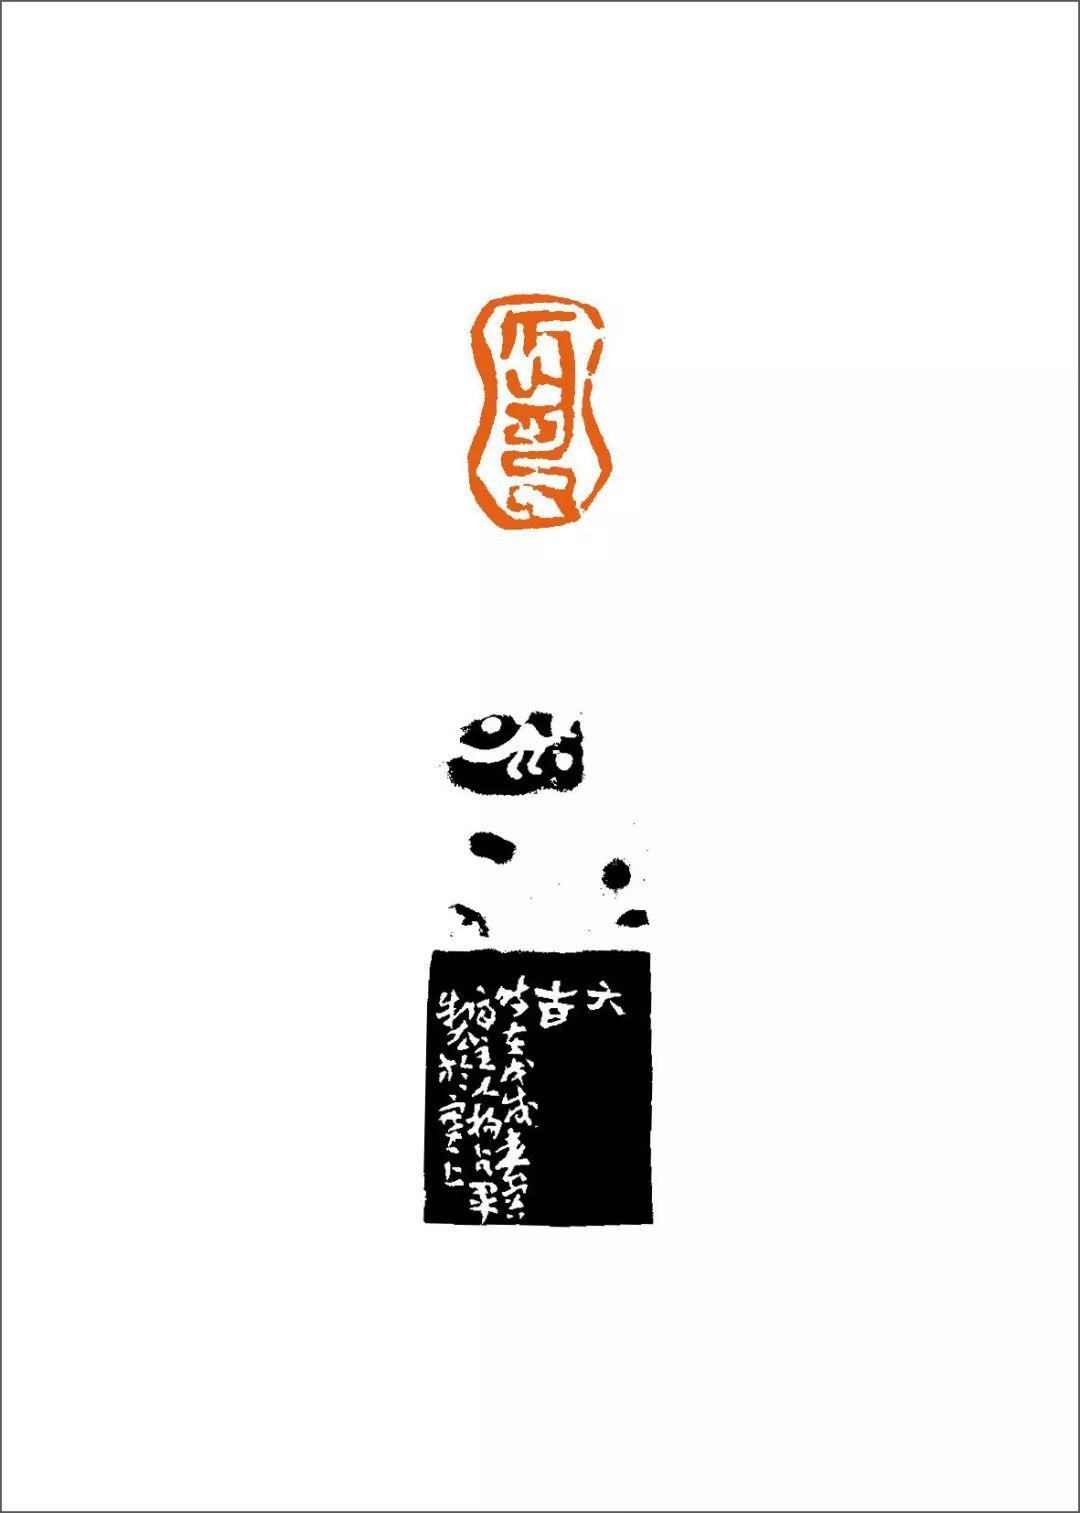 篆刻丛谈:八思巴文篆刻原石赏析 第50张